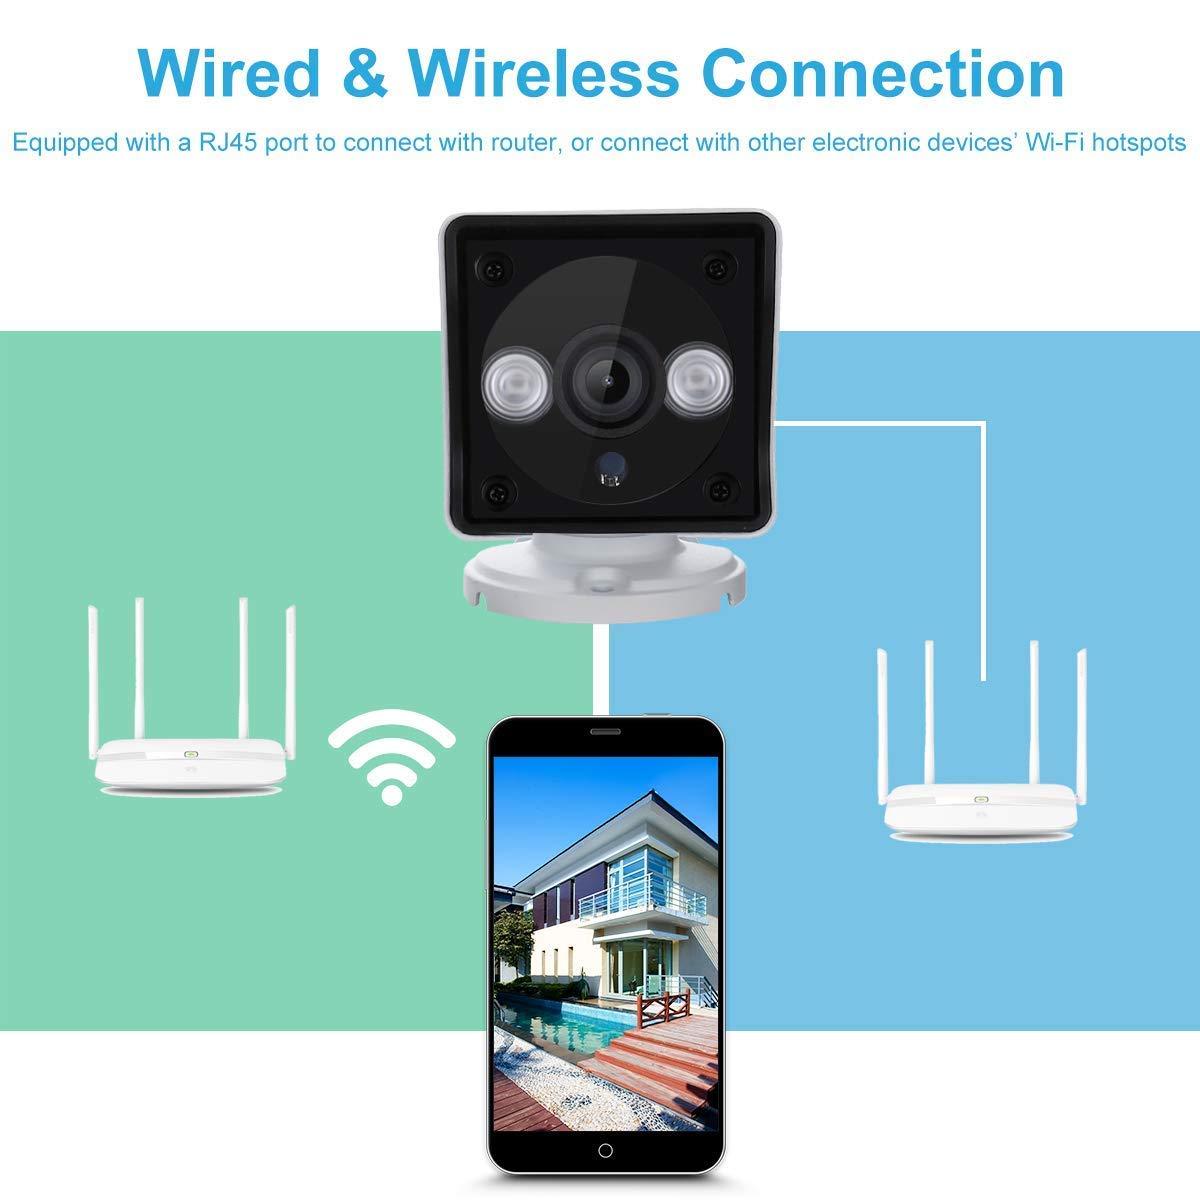 Sricam Caméra IP HD 1080p sans Fil Etanche Vision Nocturne Caméra de sécurité WiFi ONVIF IR-Cut Support Détection du Mouvement Alarme Mail/Téléphone Accès à Distance PC Phone P2P Blanche